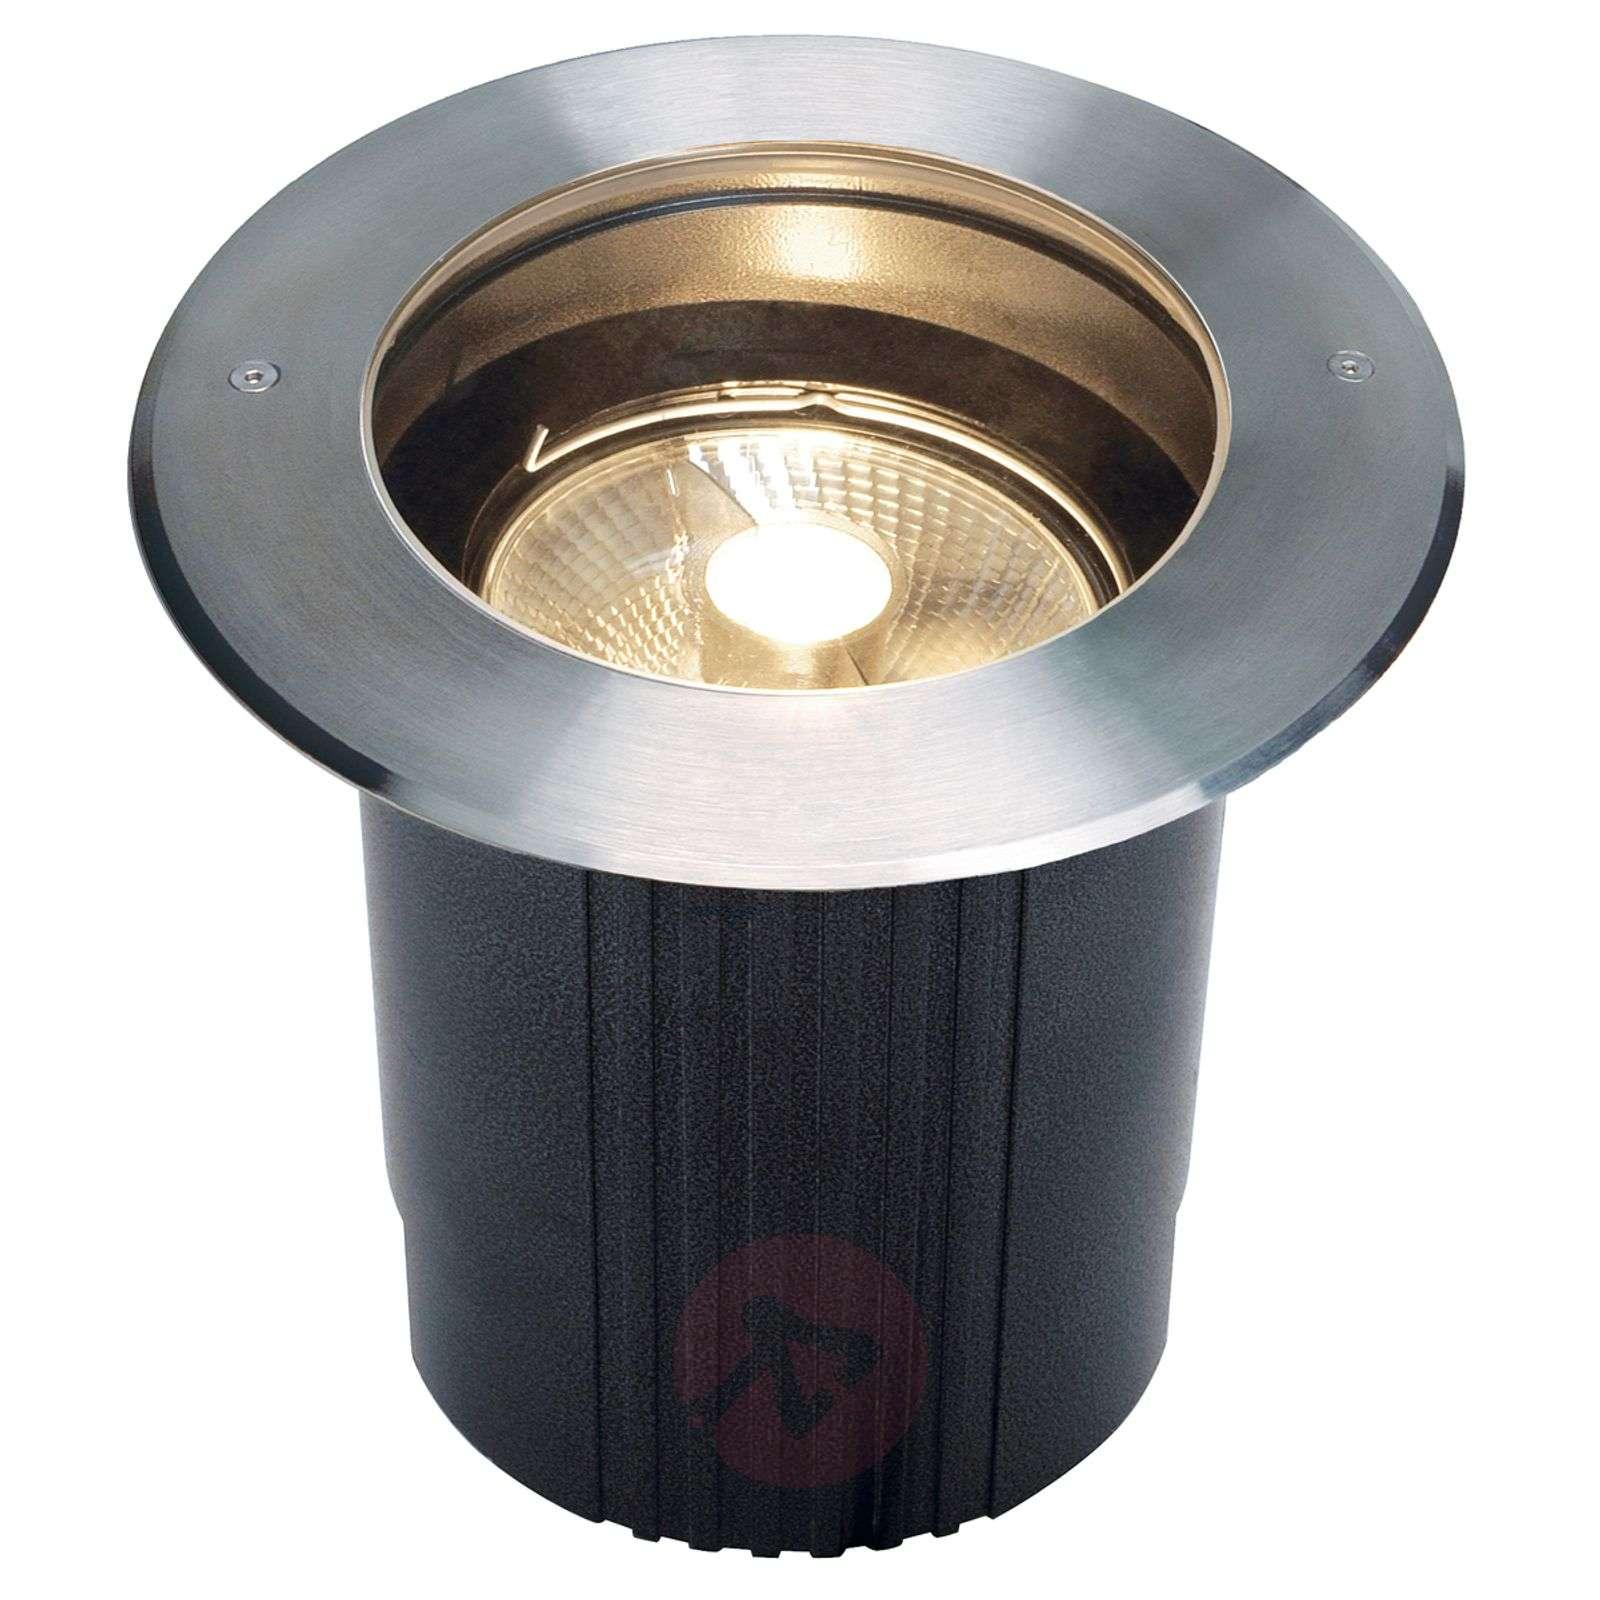 SLV Dasar ES111 pyöreä upotettava maavalo-5504079-01